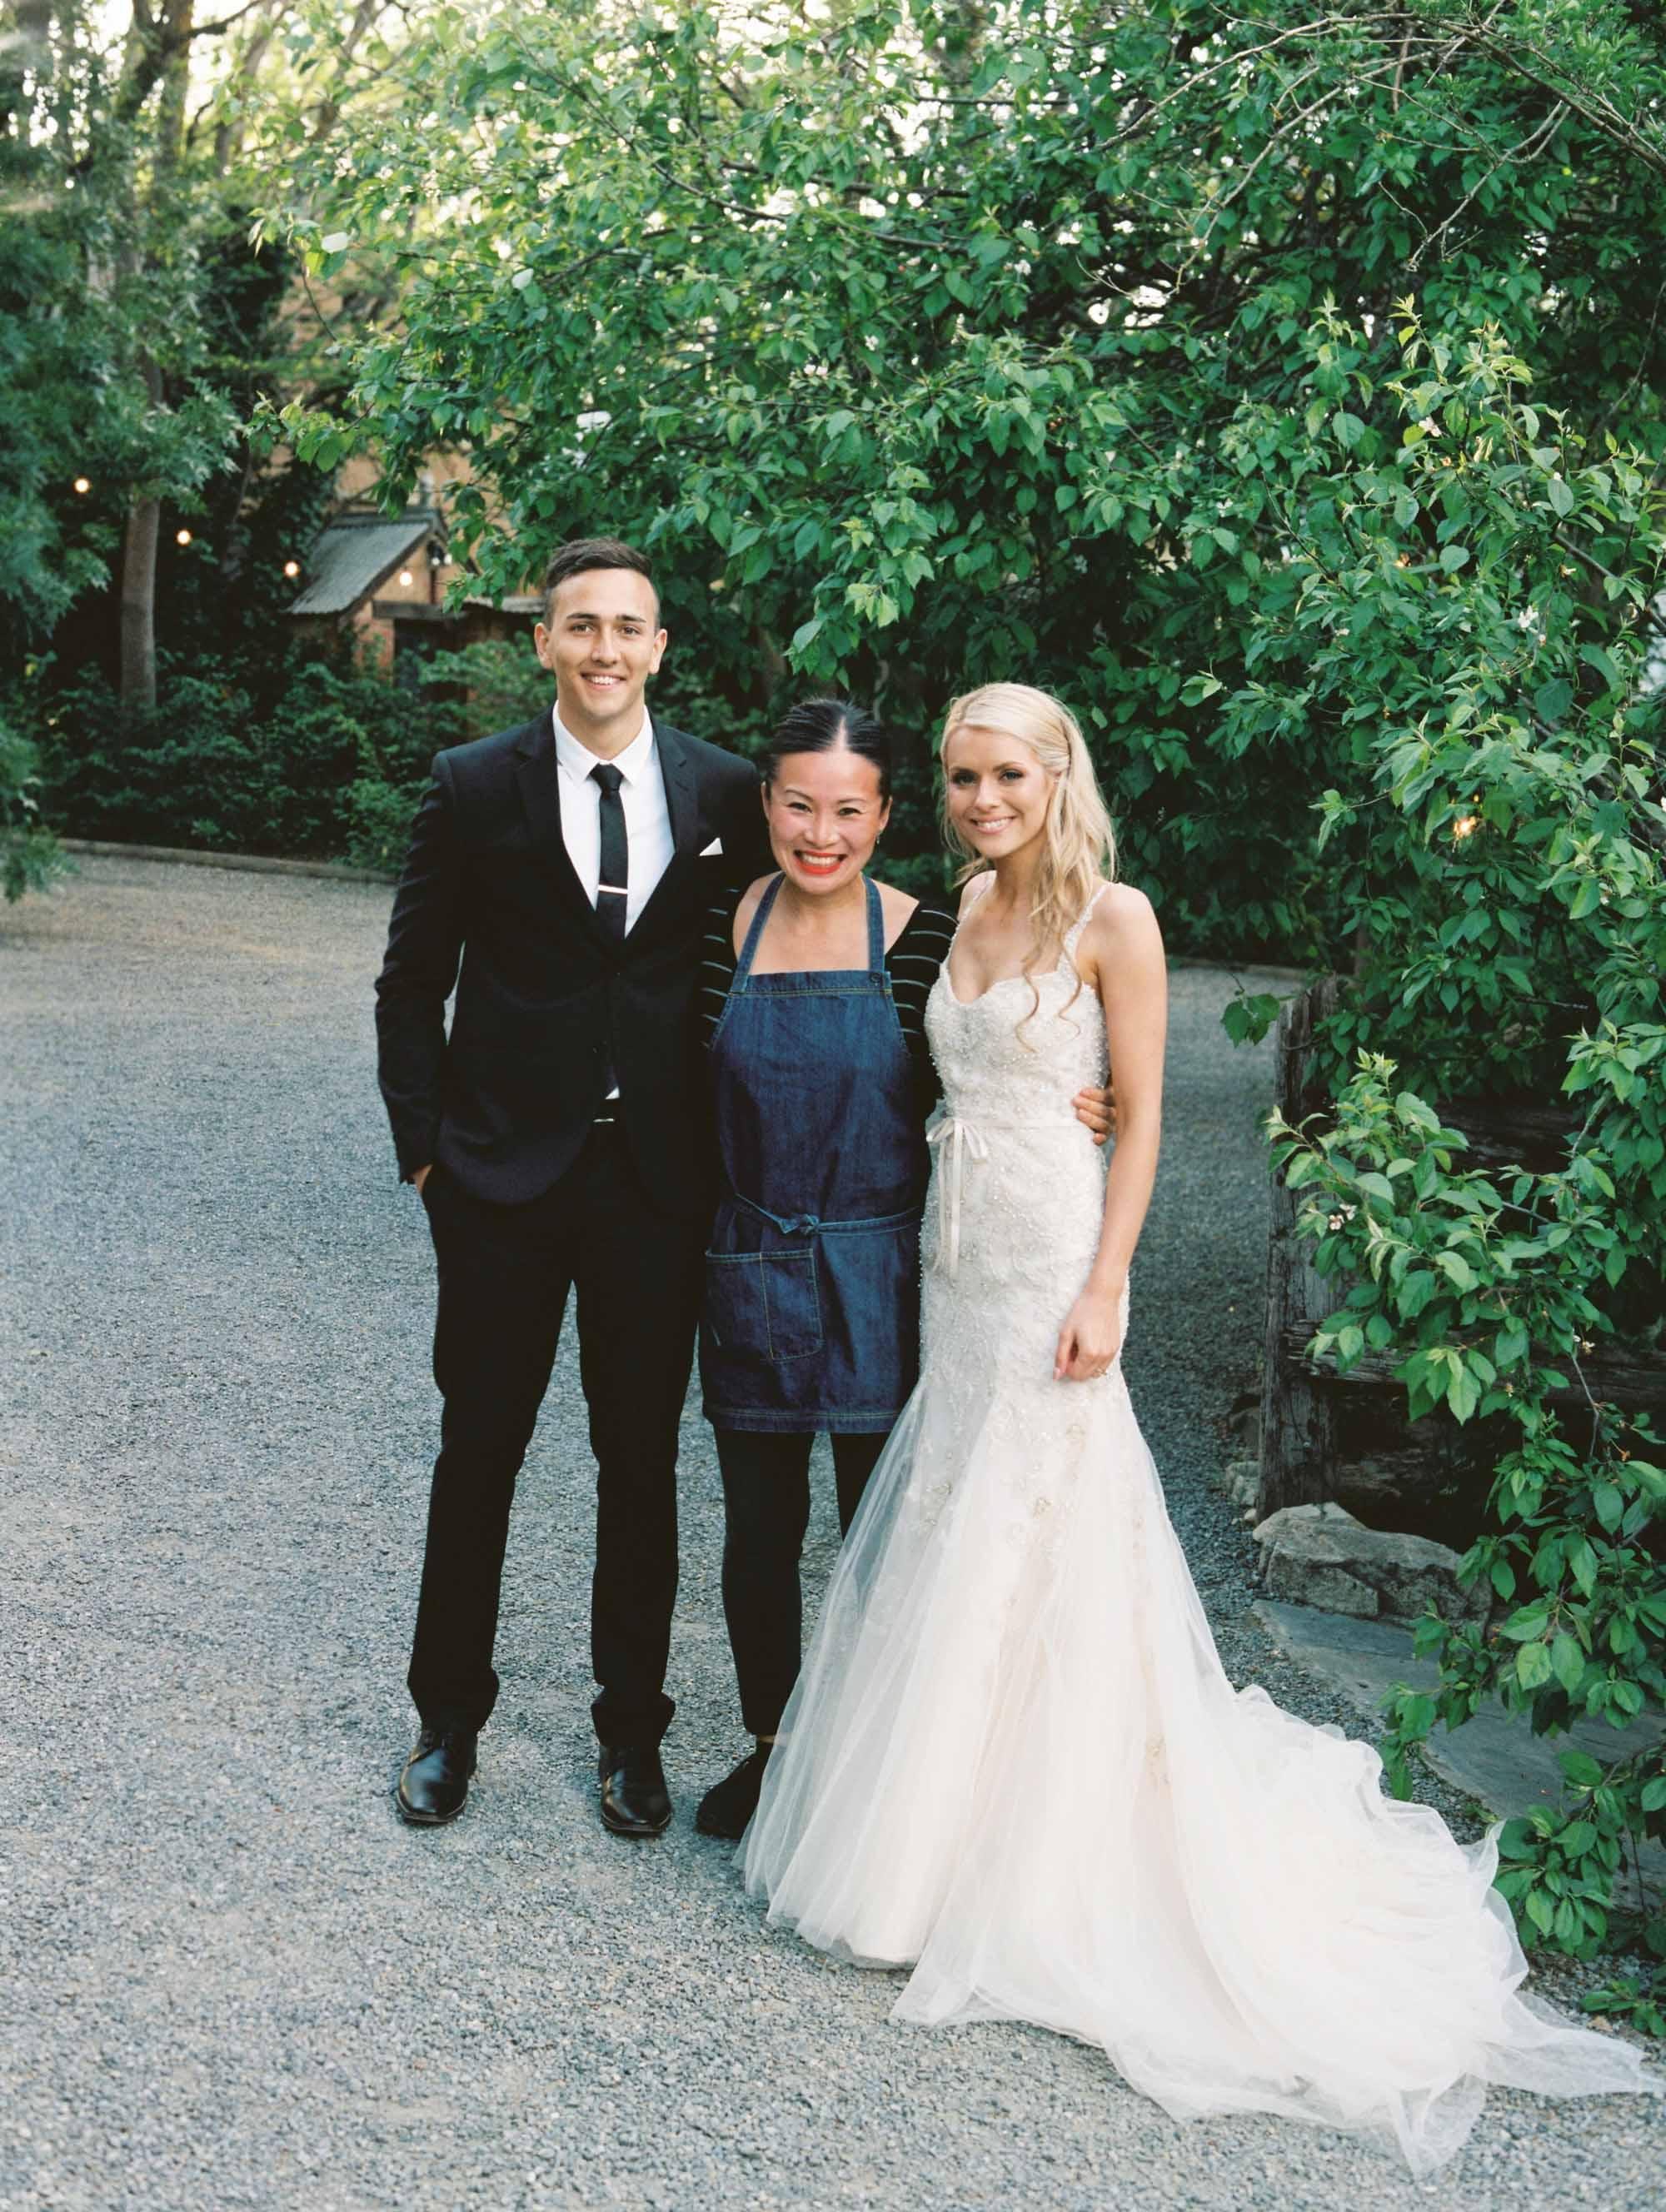 Whitehouse-hahndorf-wedding-photography-099.jpg